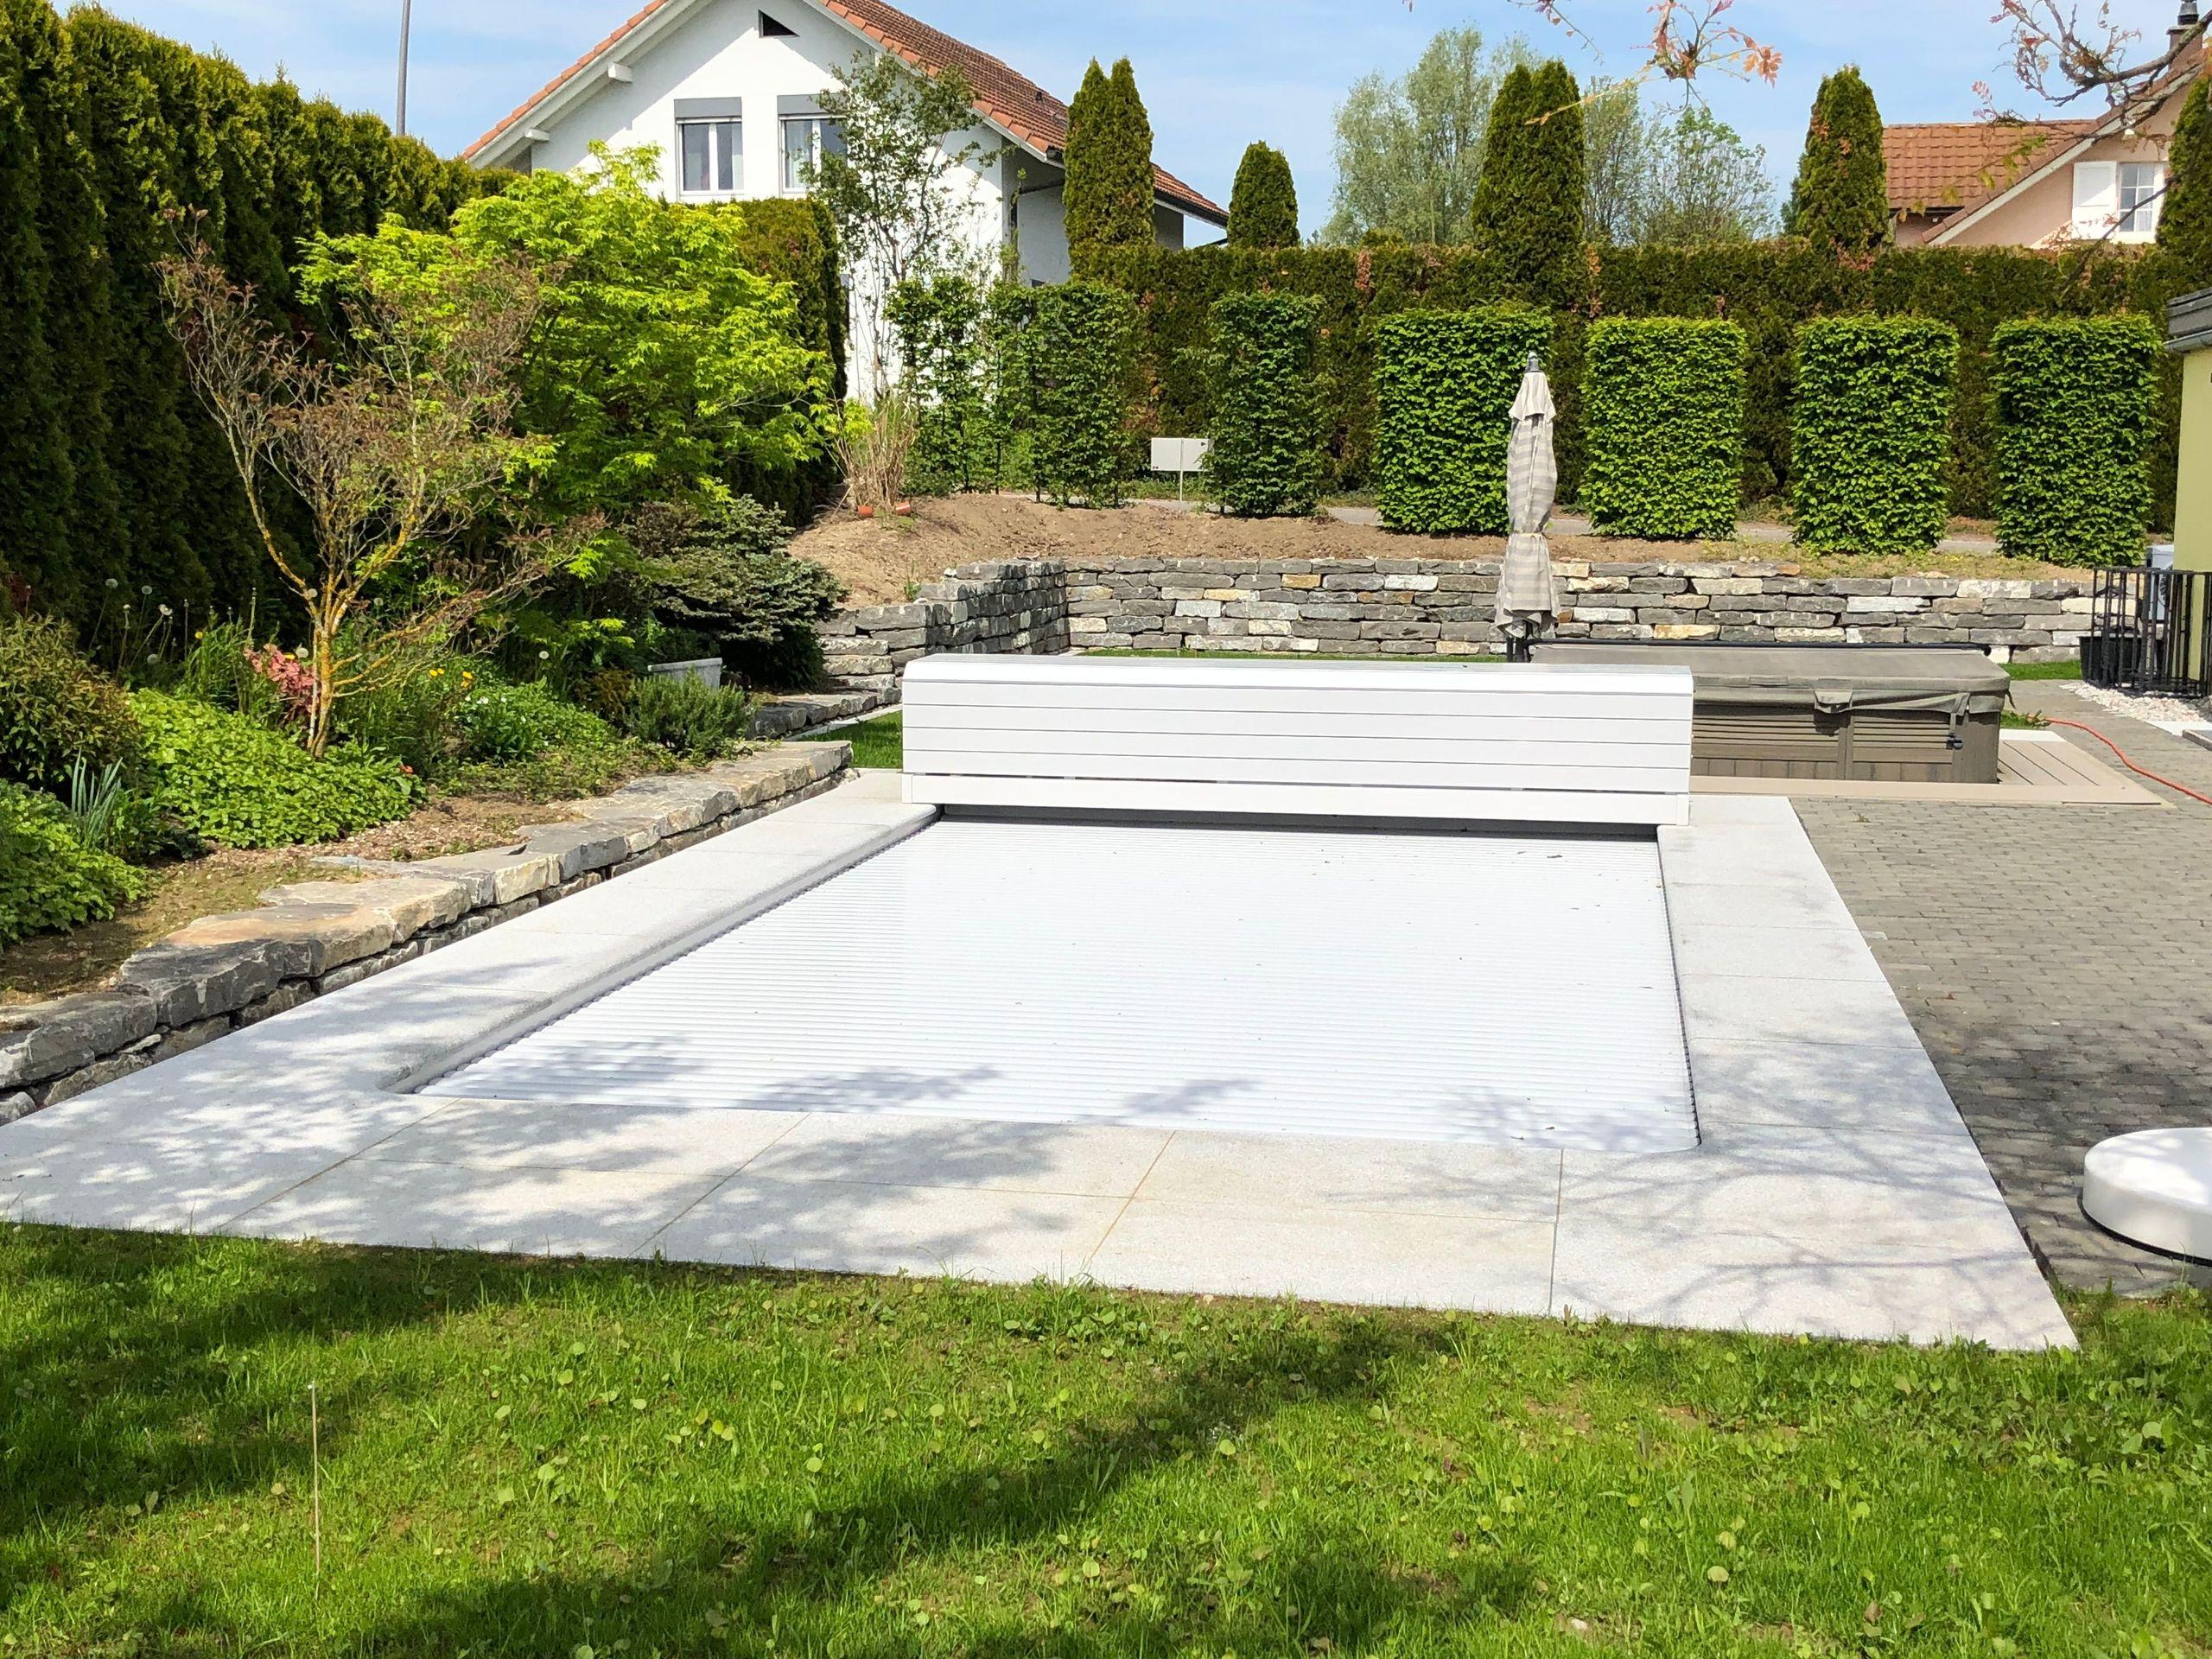 Paysages & Jardins Morel - Galerie Photos tout Amenagement Mur Jardin